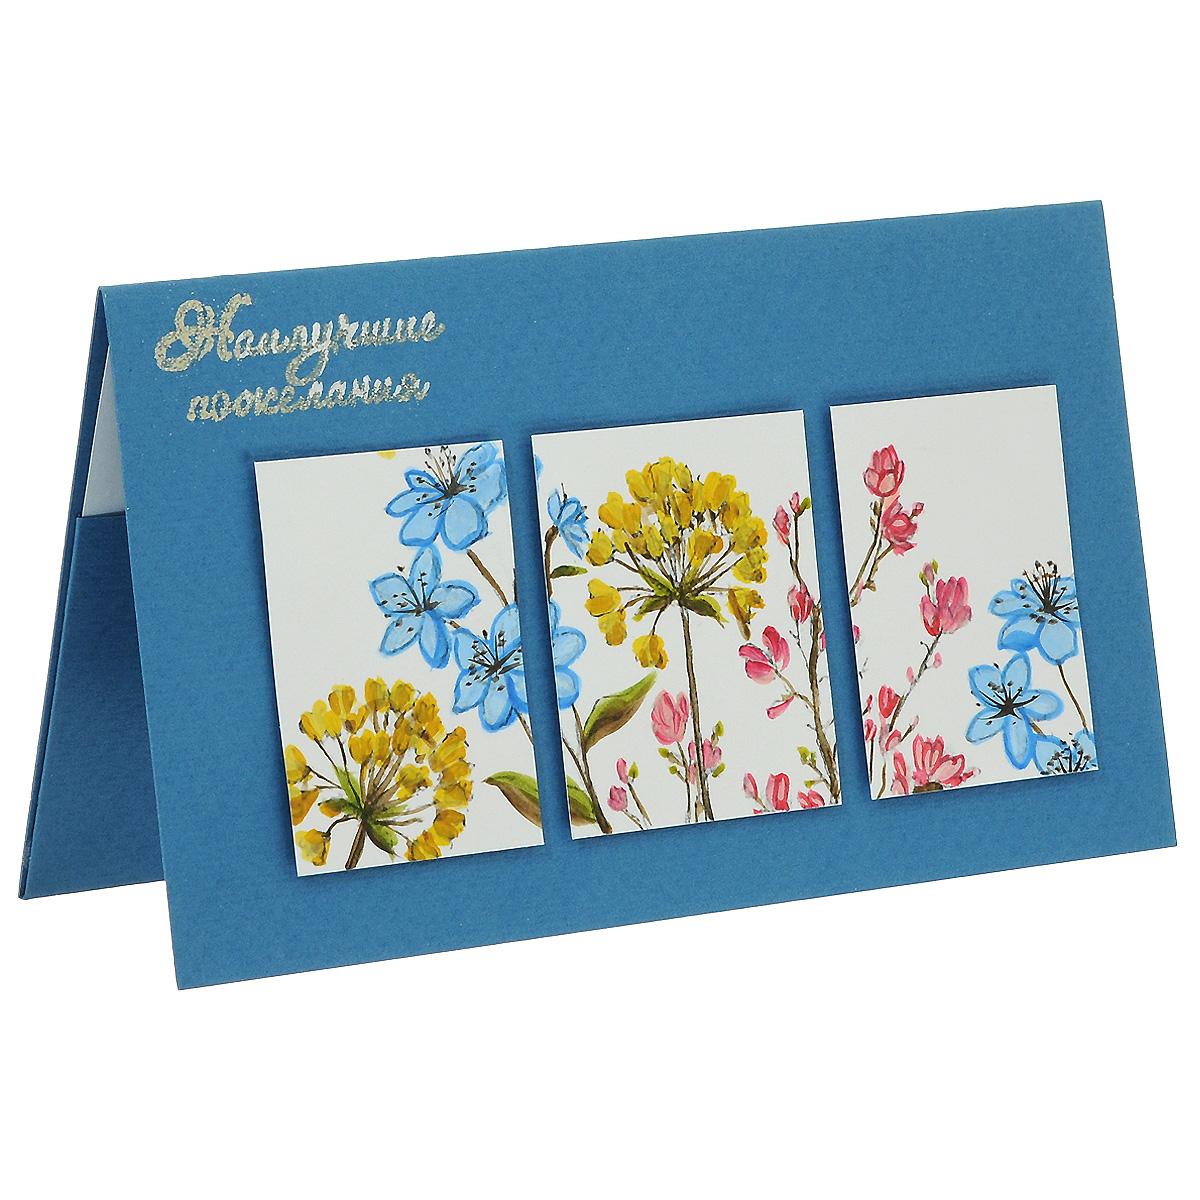 ОЖ-0024Открытка-конверт «Наилучшие пожелания» (триптих голубой). Студия «Тётя Роза»514-977Характеристики: Размер 19 см x 11 см.Материал: Высоко-художественный картон, бумага, декор. Данная открытка может стать как прекрасным дополнением к вашему подарку, так и самостоятельным подарком. Так как открытка является и конвертом, в который вы можете вложить ваш денежный подарок или просто написать ваши пожелания на вкладыше. Дизайн этой открытки сложился из использования рукописного триптиха с цветочным мотивом полевых трав. В простоте решения этого поздравления заложена выразительность восприятия. Цветы прорисованы вручную акриловыми красками. Надпись выполнена в технике горячего термоподъема. Также открытка упакована в пакетик для сохранности.Обращаем Ваше внимание на то, что открытка может незначительно отличаться от представленной на фото.Открытки ручной работы от студии Тётя Роза отличаются своим неповторимым и ярким стилем. Каждая уникальна и выполнена вручную мастерами студии. (Открытка для мужчин, открытка для женщины, открытка на день рождения, открытка с днем свадьбы, открытка винтаж, открытка с юбилеем, открытка на все случаи, скрапбукинг)